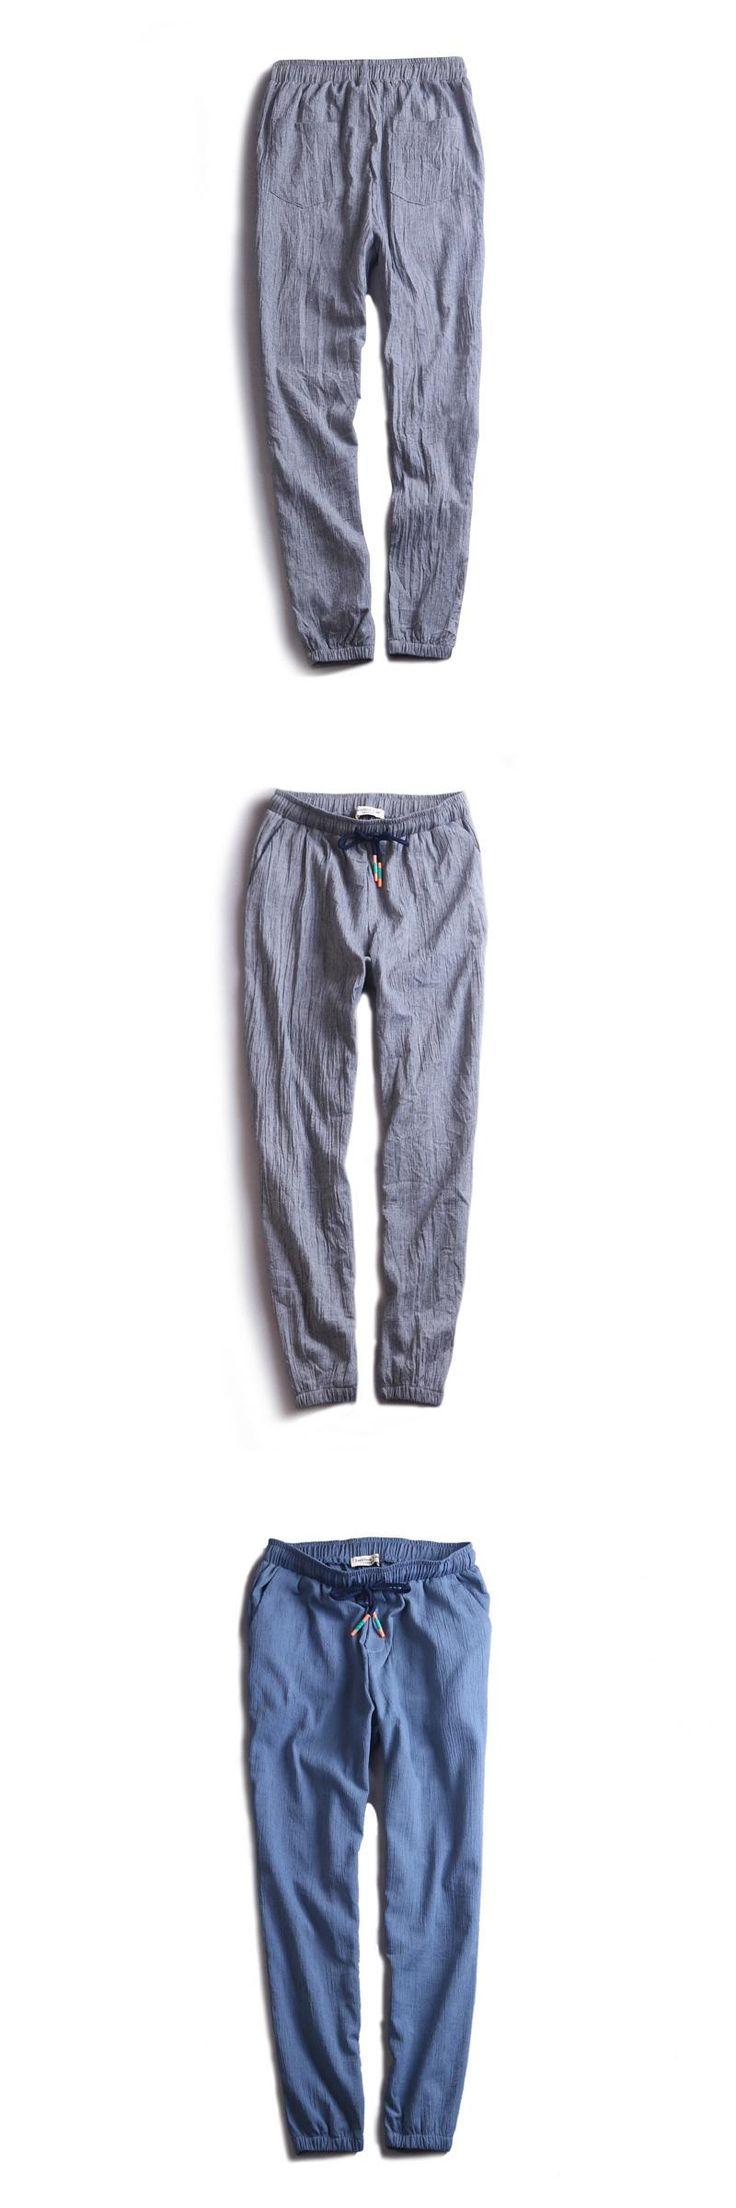 New designer brand pants men linen harem trousers men solid casual trousers mens cotton ankle-length pants male elastic pantalon